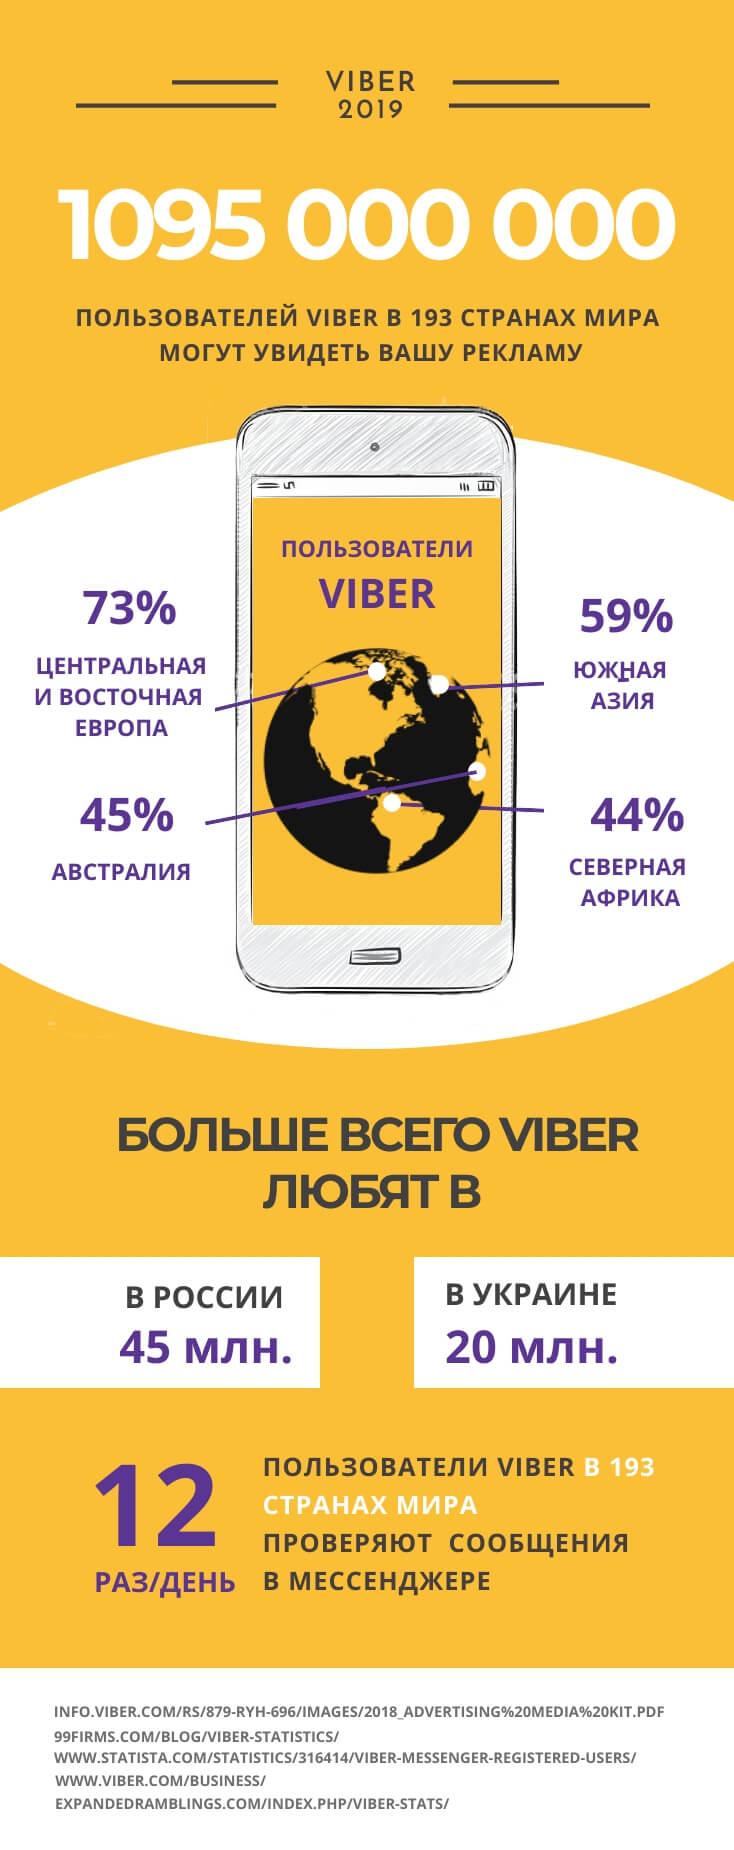 Статистика пользователей Viber в цифрах